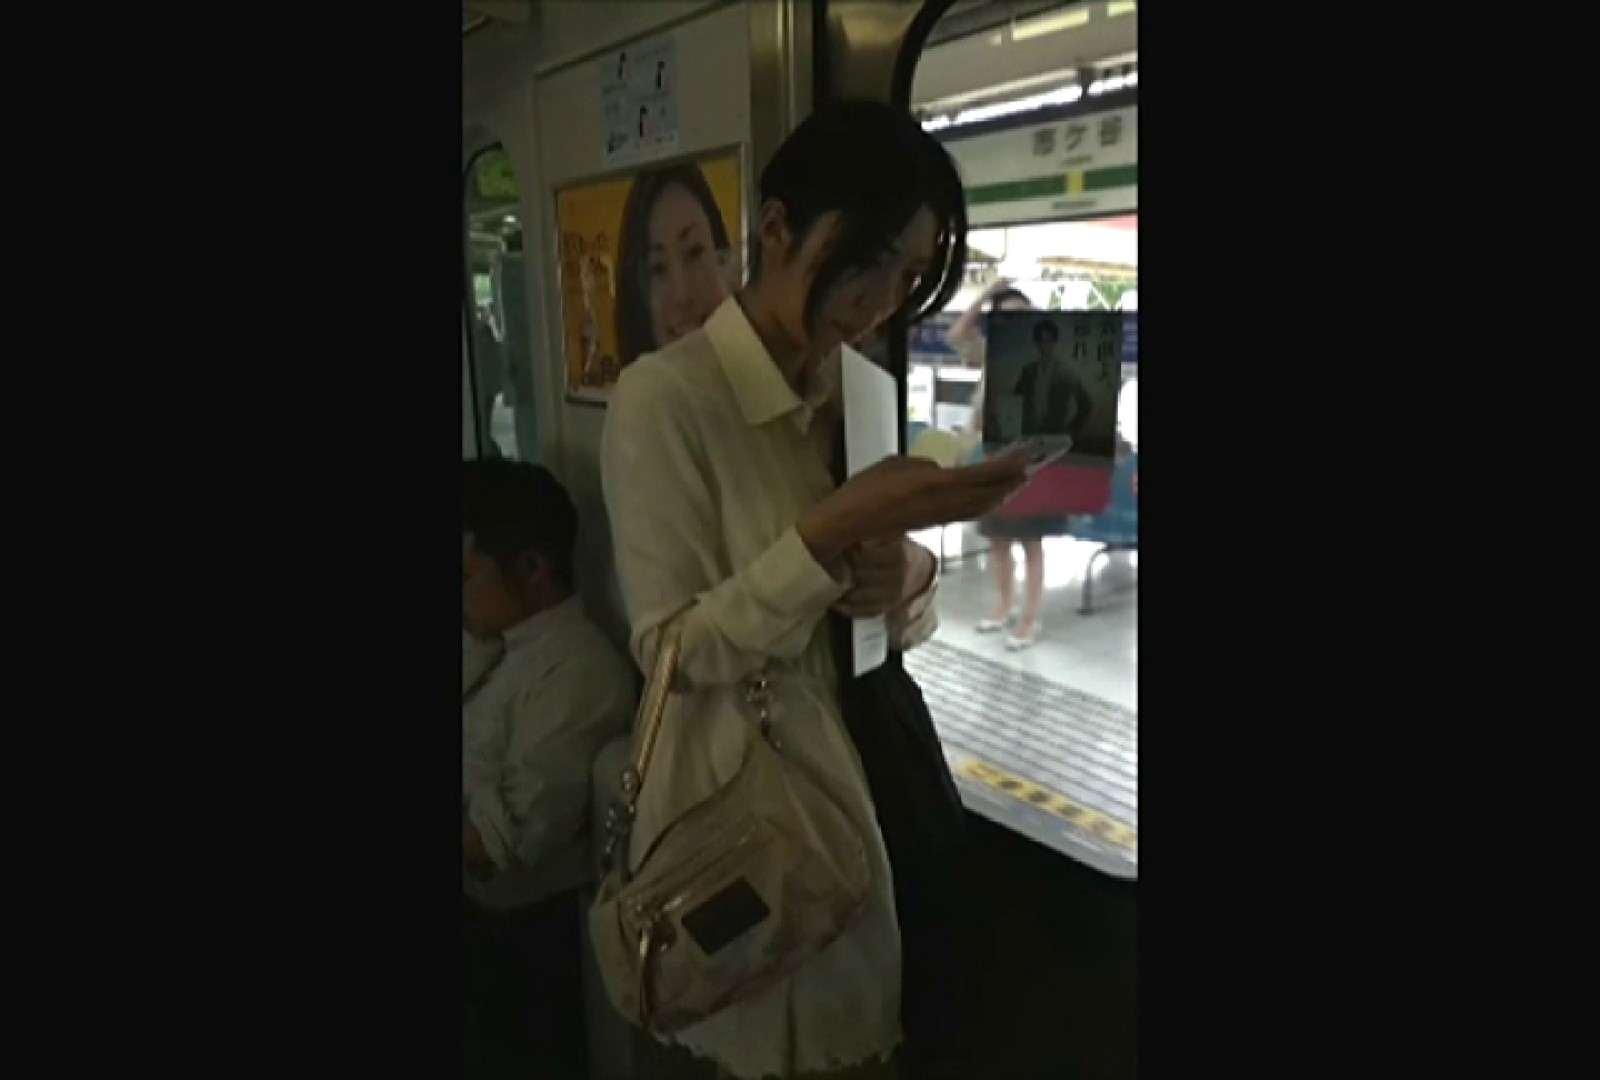 「しん」さんの逆さバイキングVol.7 パンチラ女子 性交動画流出 102枚 15